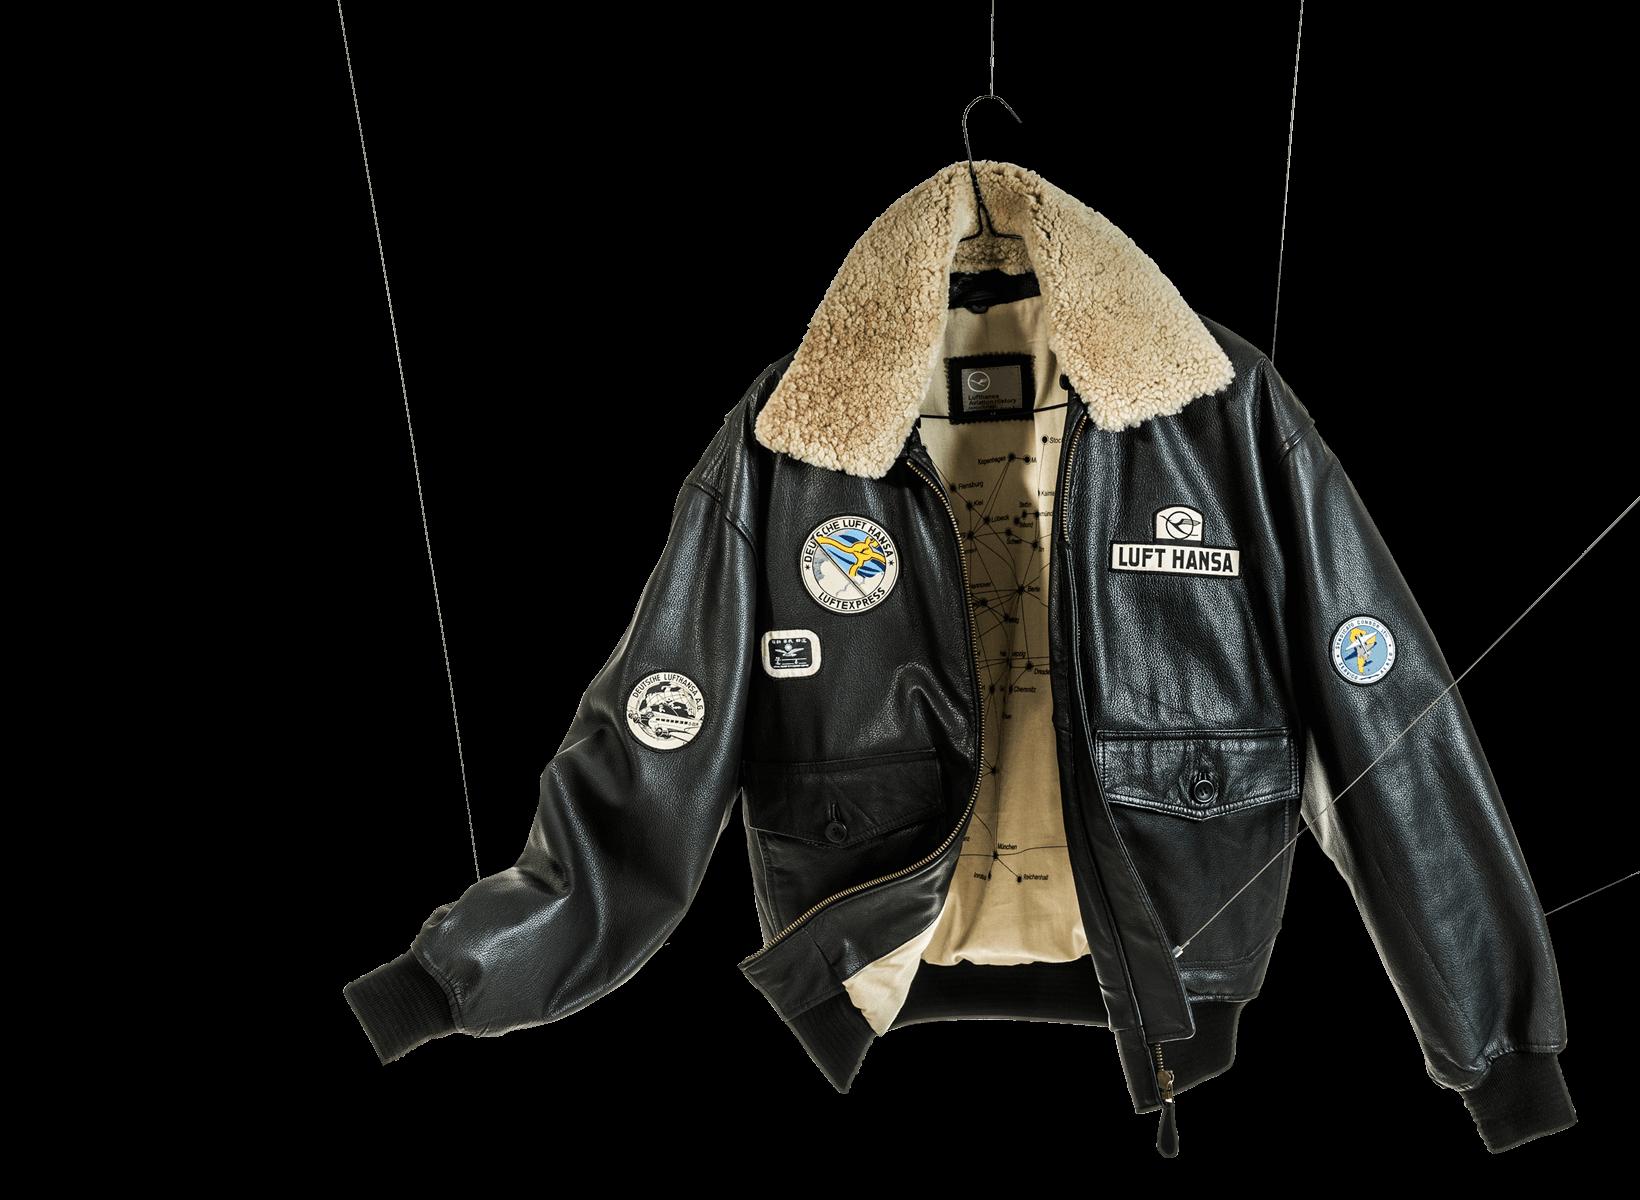 Corporate Fashion Beispiel. Lufthansa Piloten Jacke mit Patches an Fäden aufgehängt